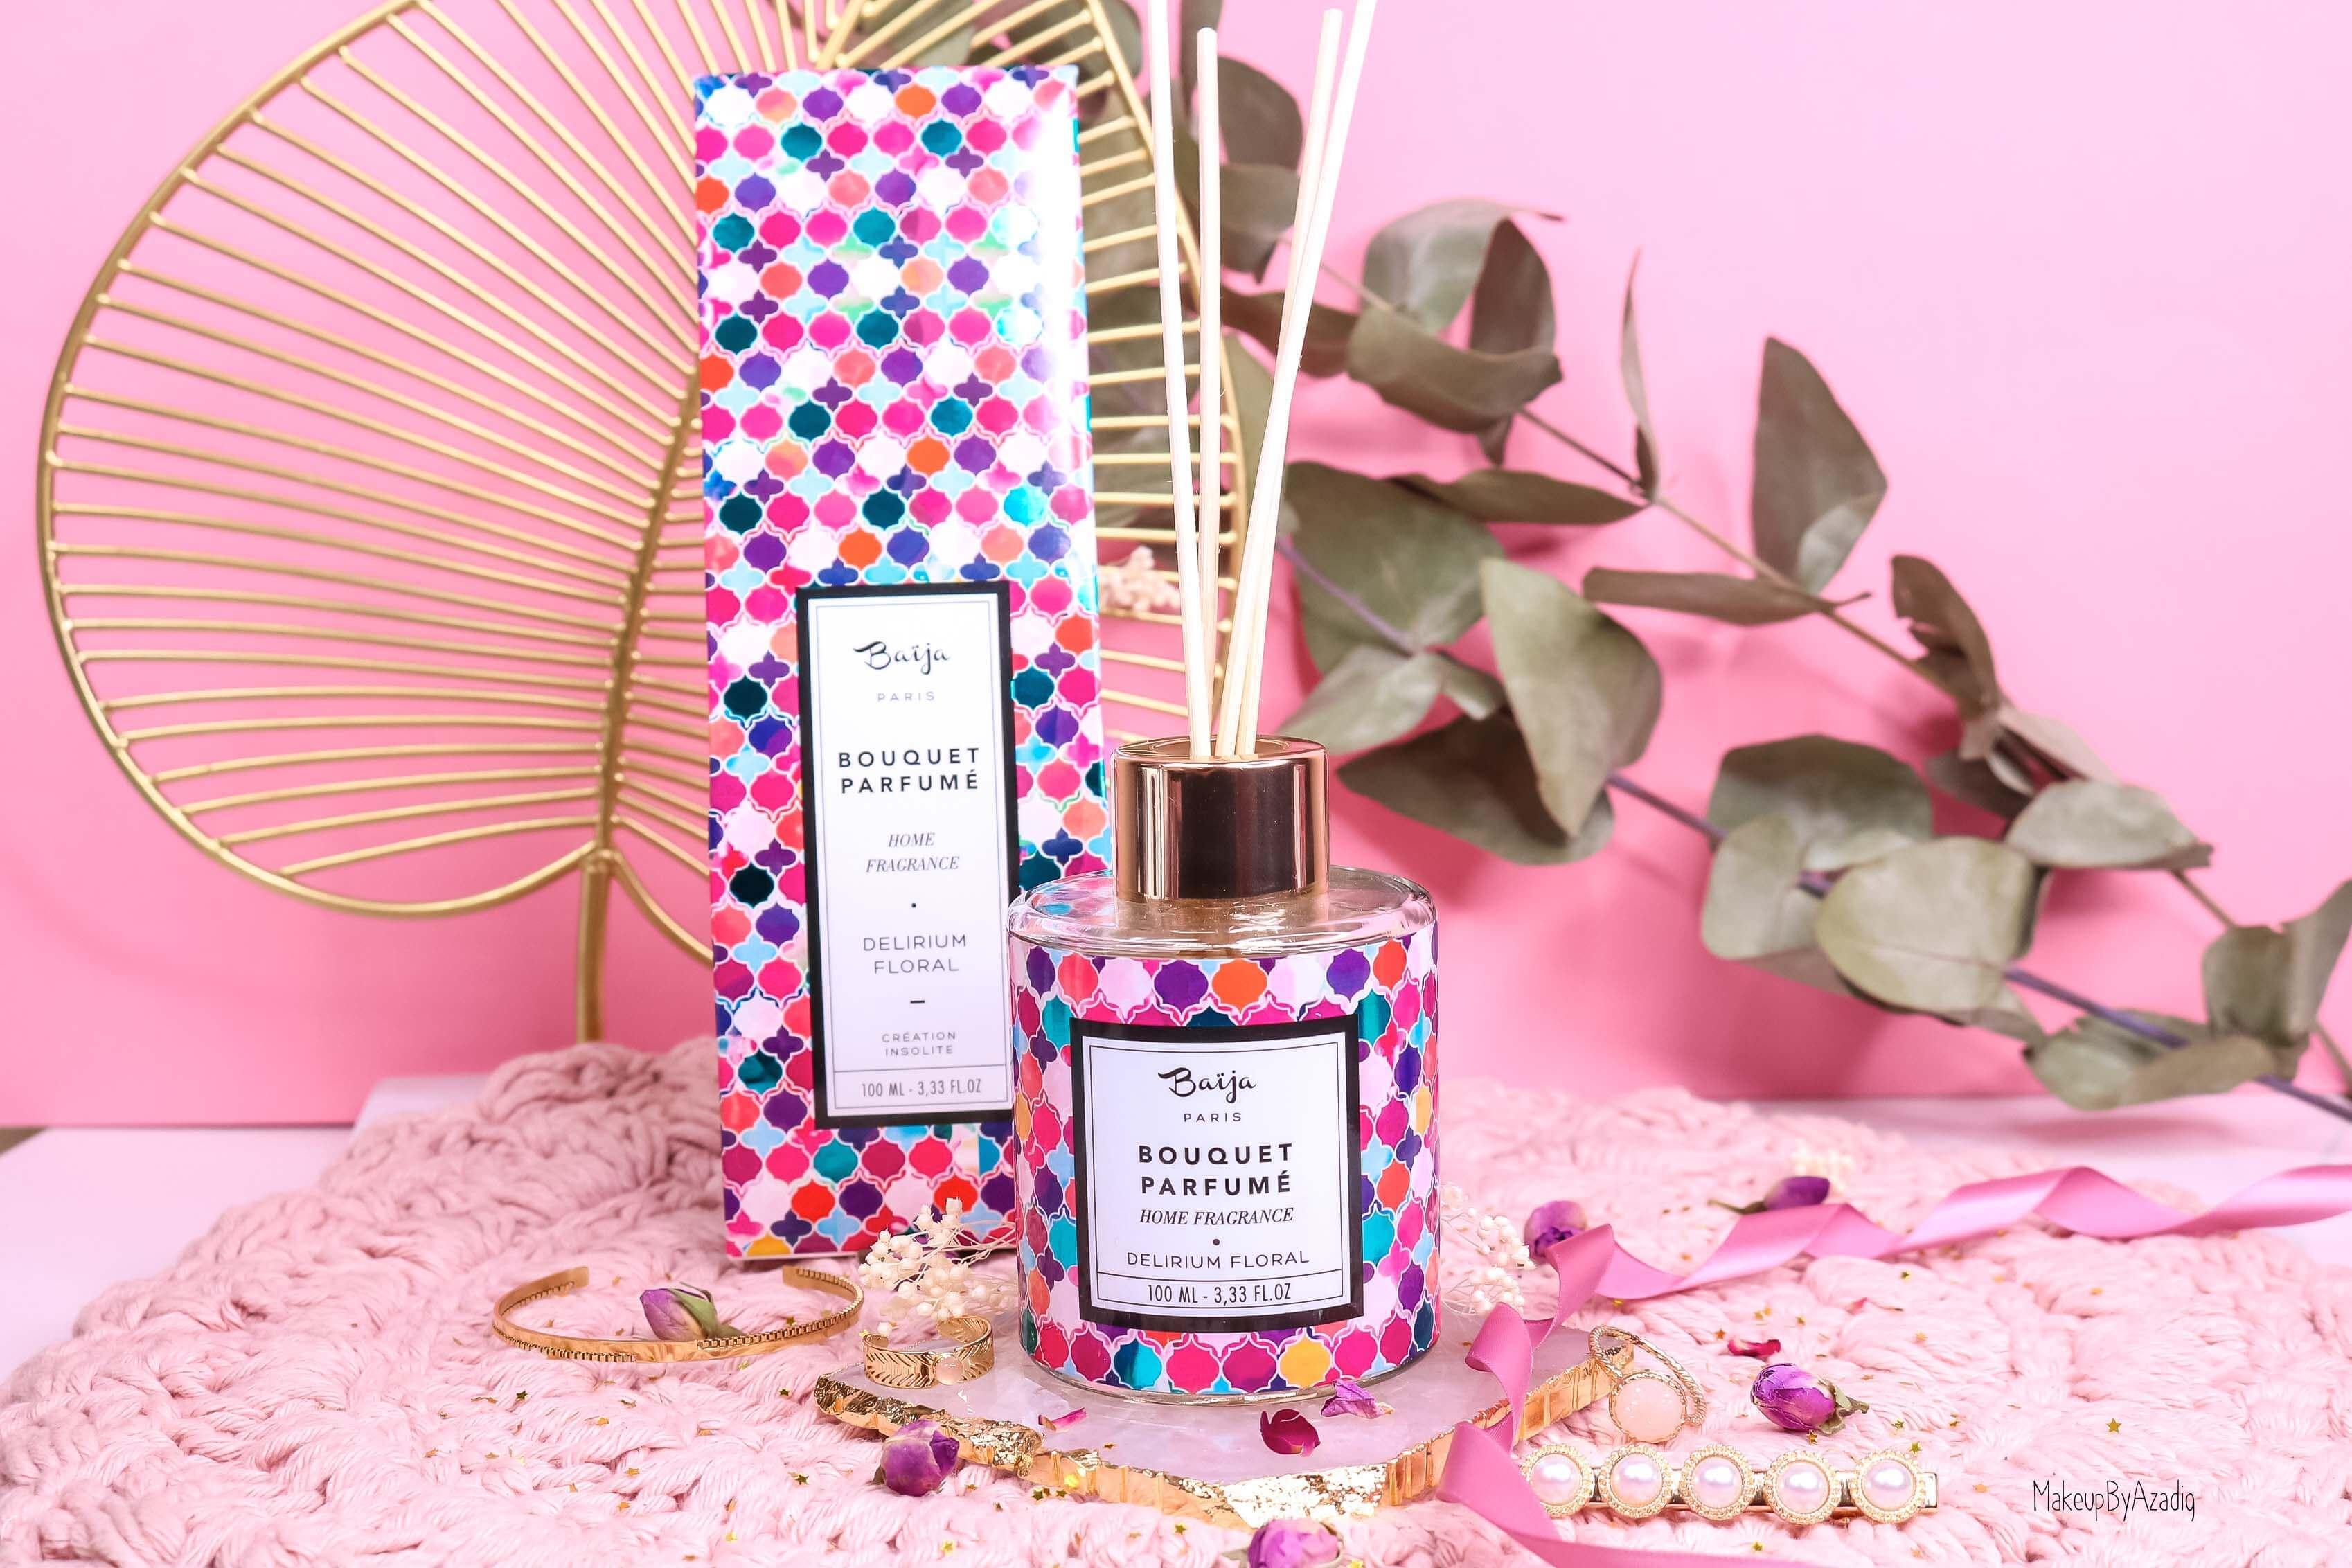 revue-collection-delirium-floral-baija-paris-corps-bougie-gommage-soin-fleurs-makeupbyazadig-avis-prix-sephora-bouquet-parfume